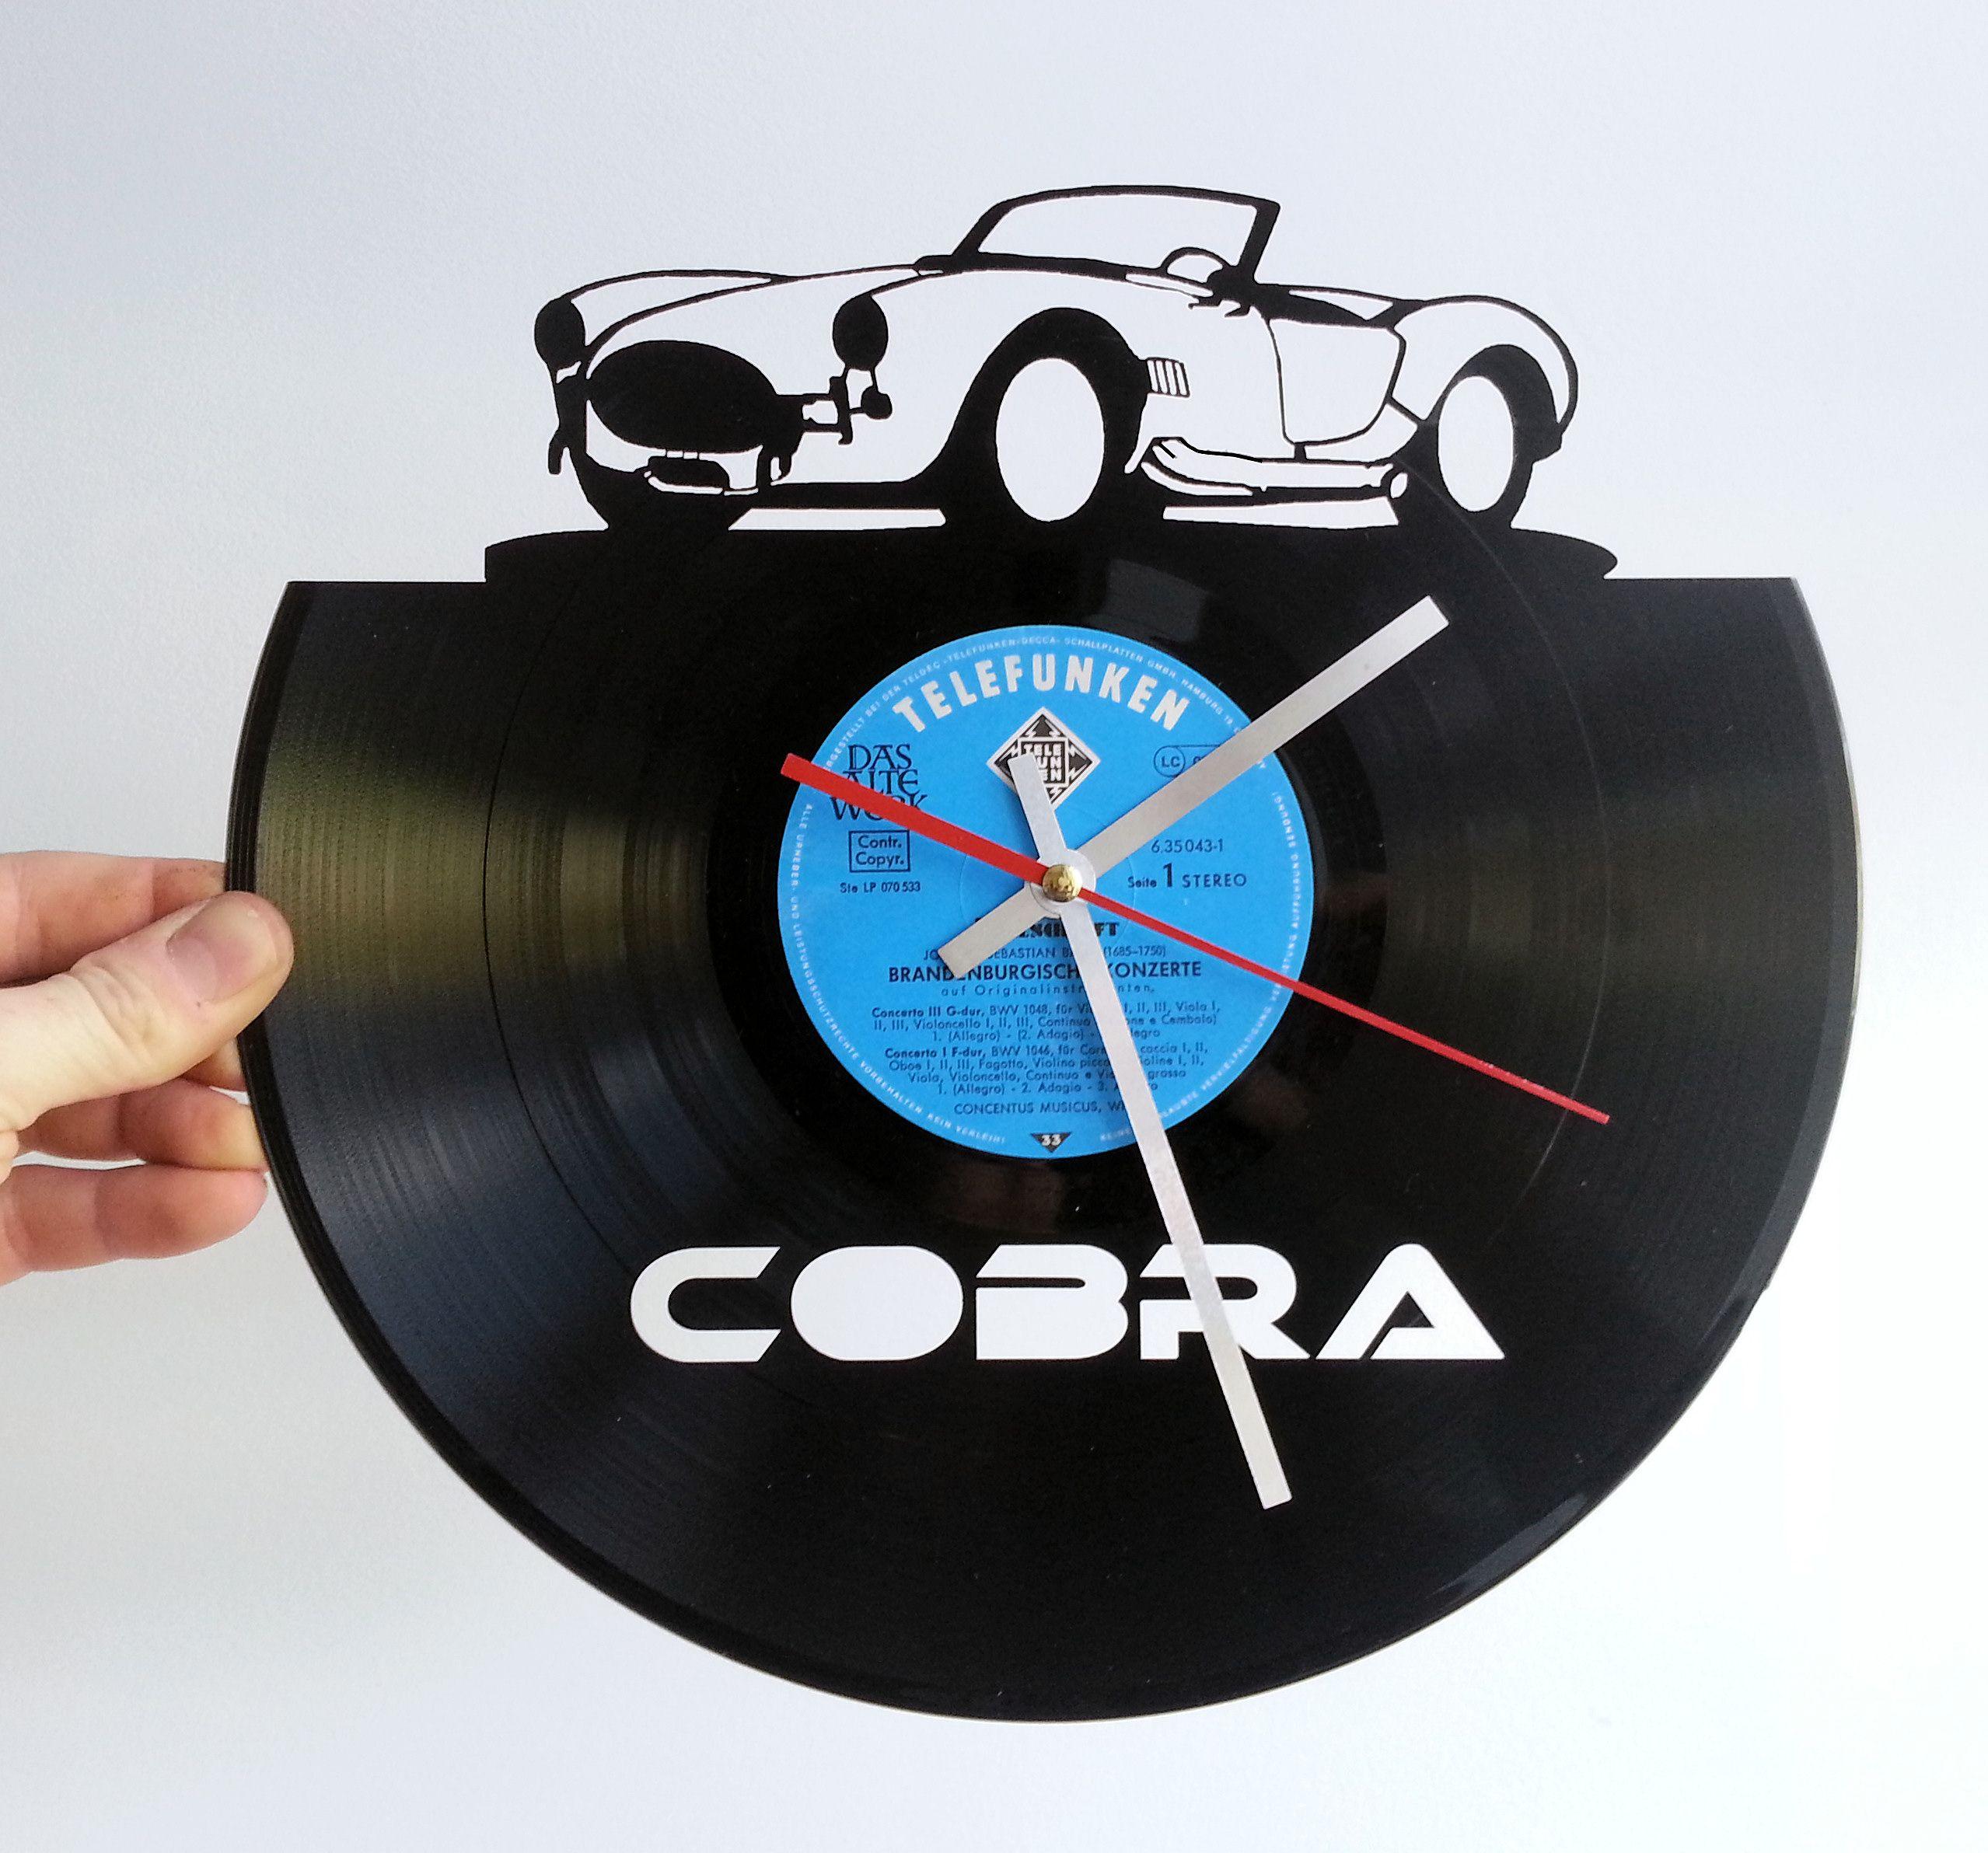 Cobra Vinyl Schallplatte mit LAsergravur als Geschenkidee Wanduhr express